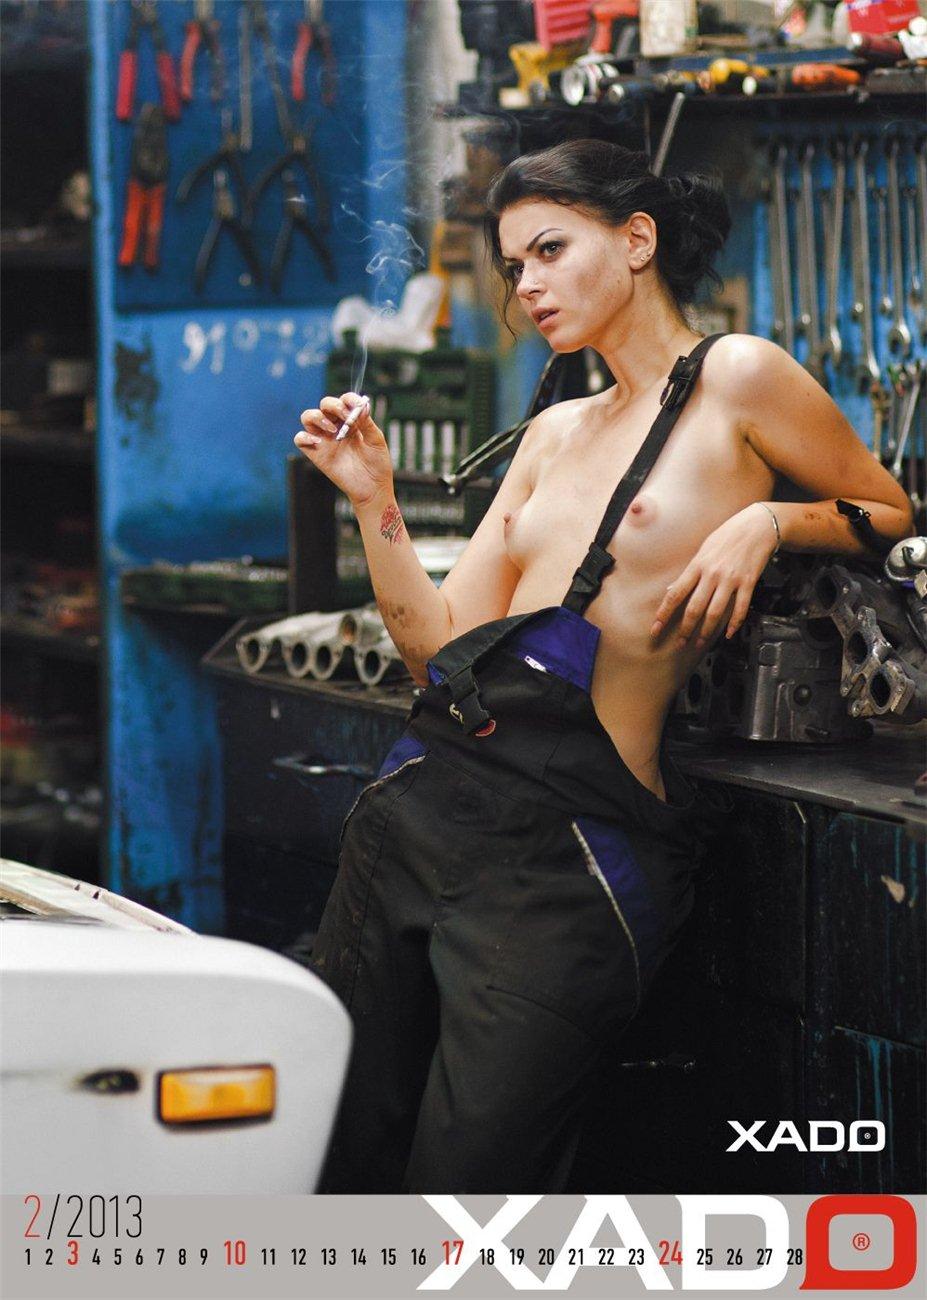 XADO - эротический календарь на 2013 год / фотограф Андрей Лукас